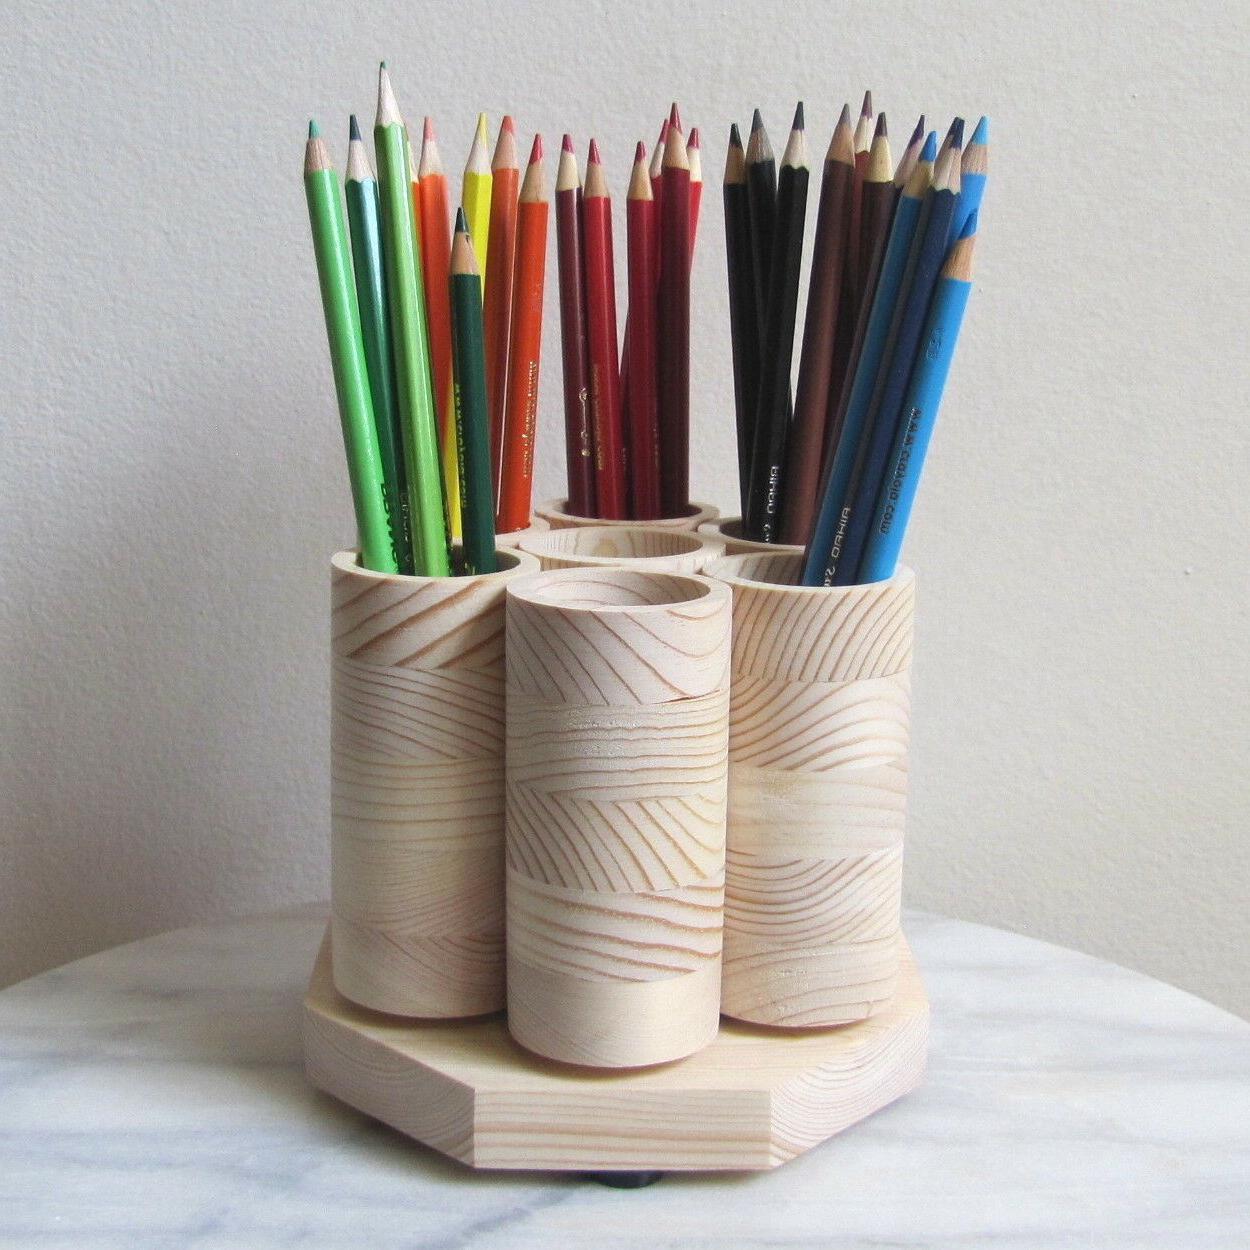 Rotating Desk Pencils, Handmade